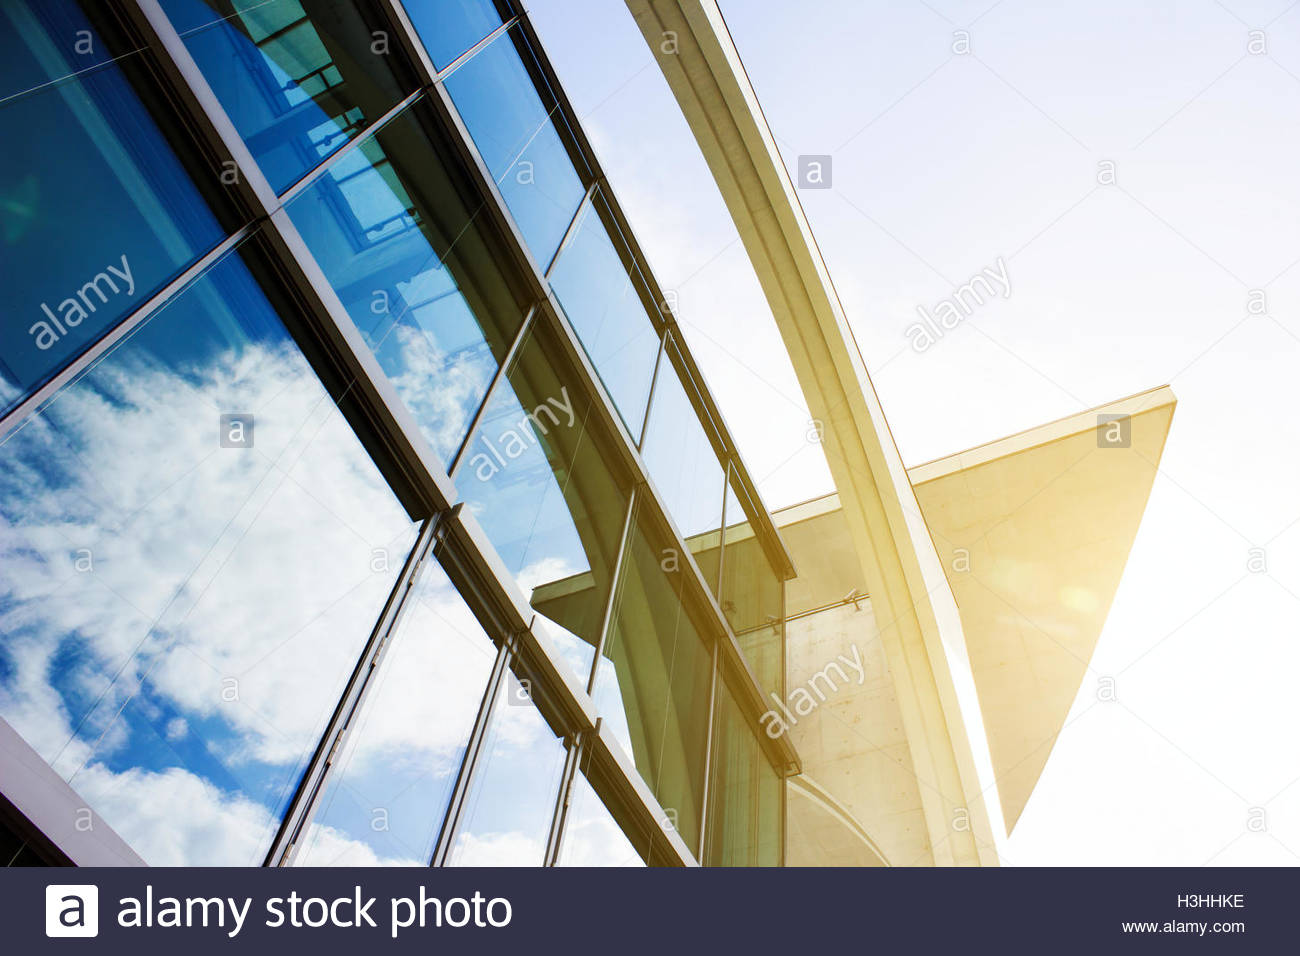 Glasfassade Außenansicht, futuristische Hintergrund, abstrakte Architektur, helle Glas Gebäude abstrakte Stockbild